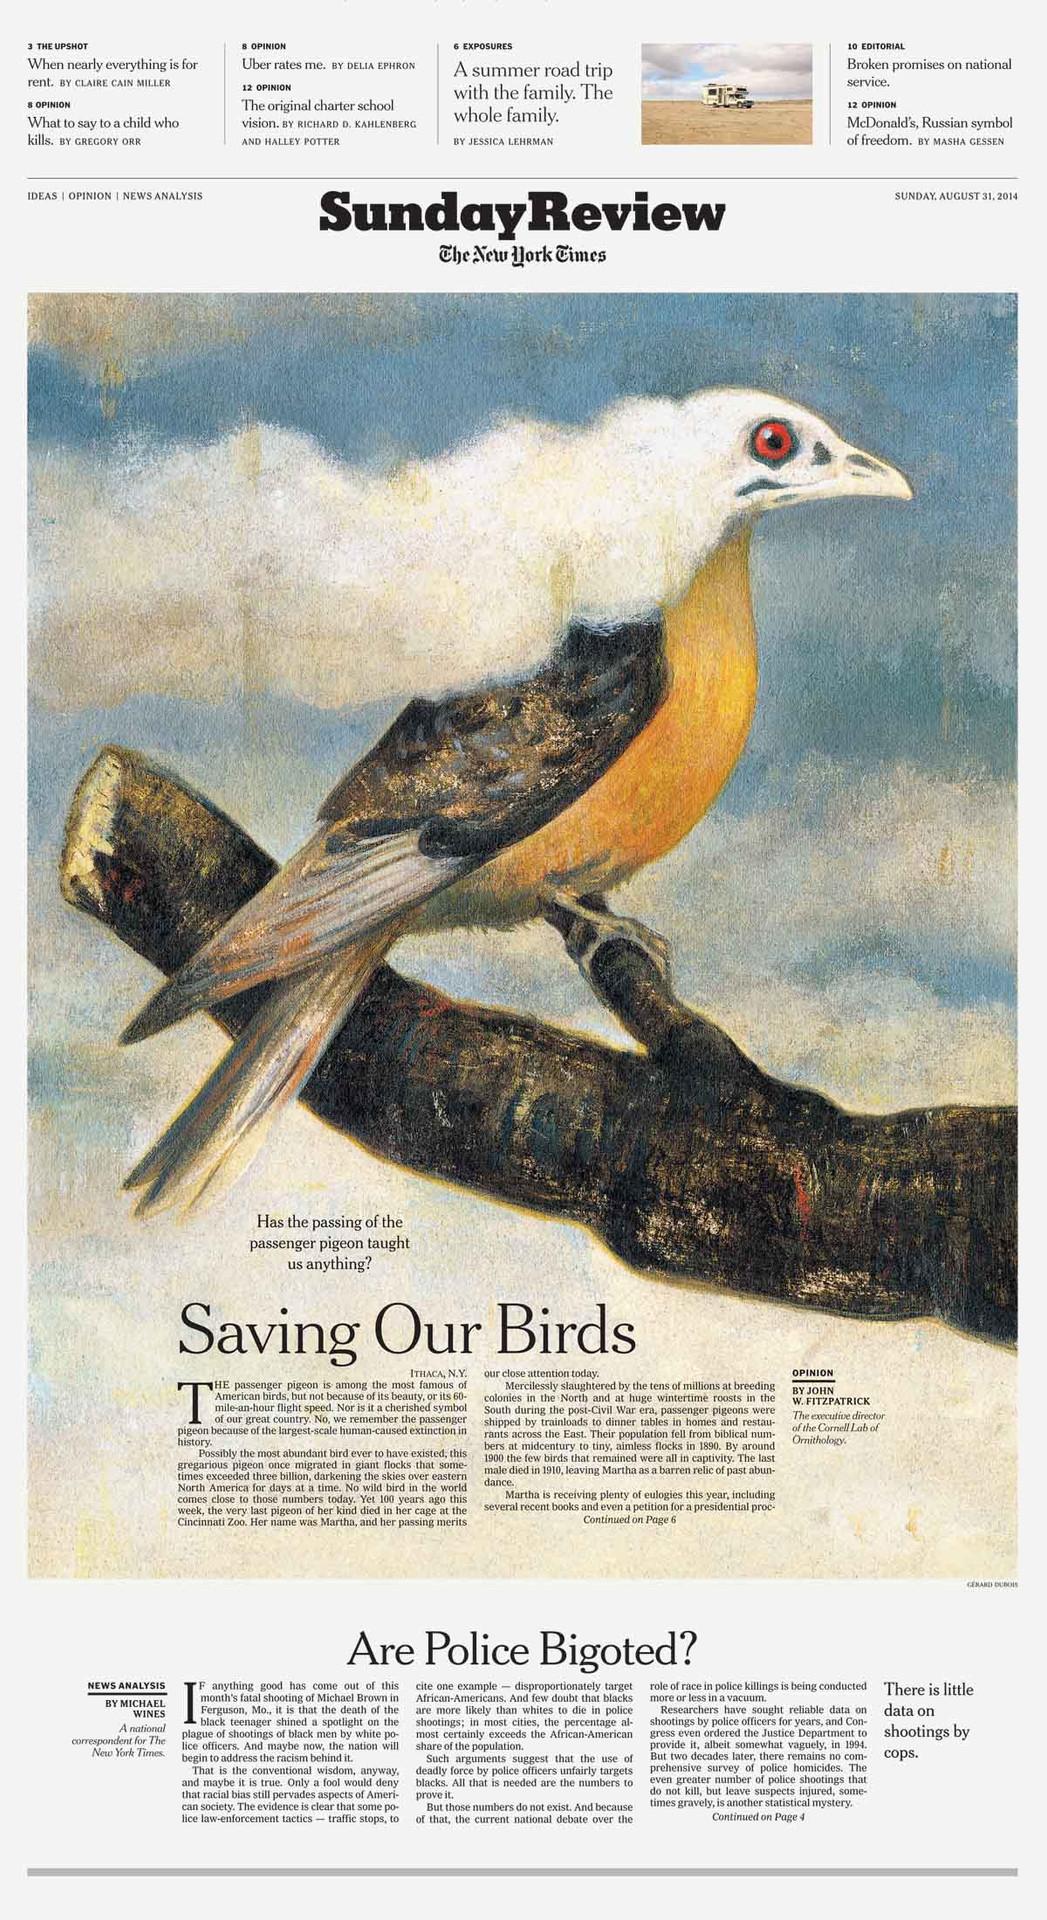 Saving Our Birds